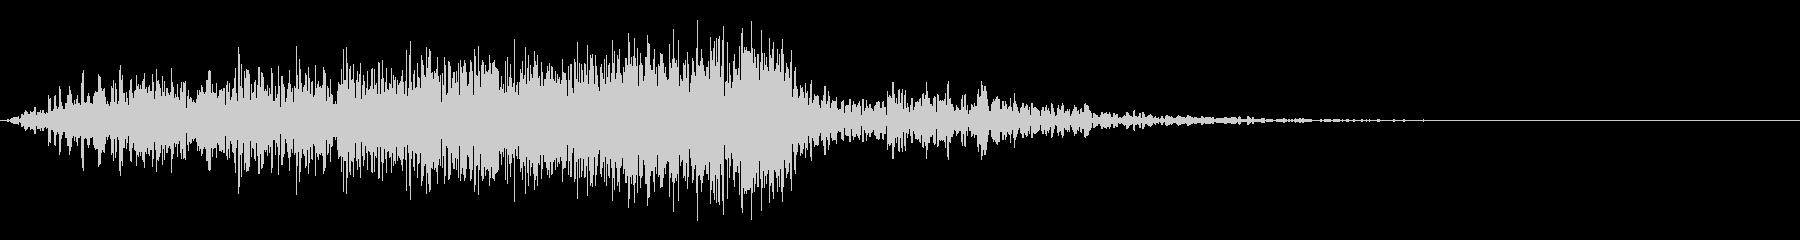 シューッという音EC07_88_1の未再生の波形